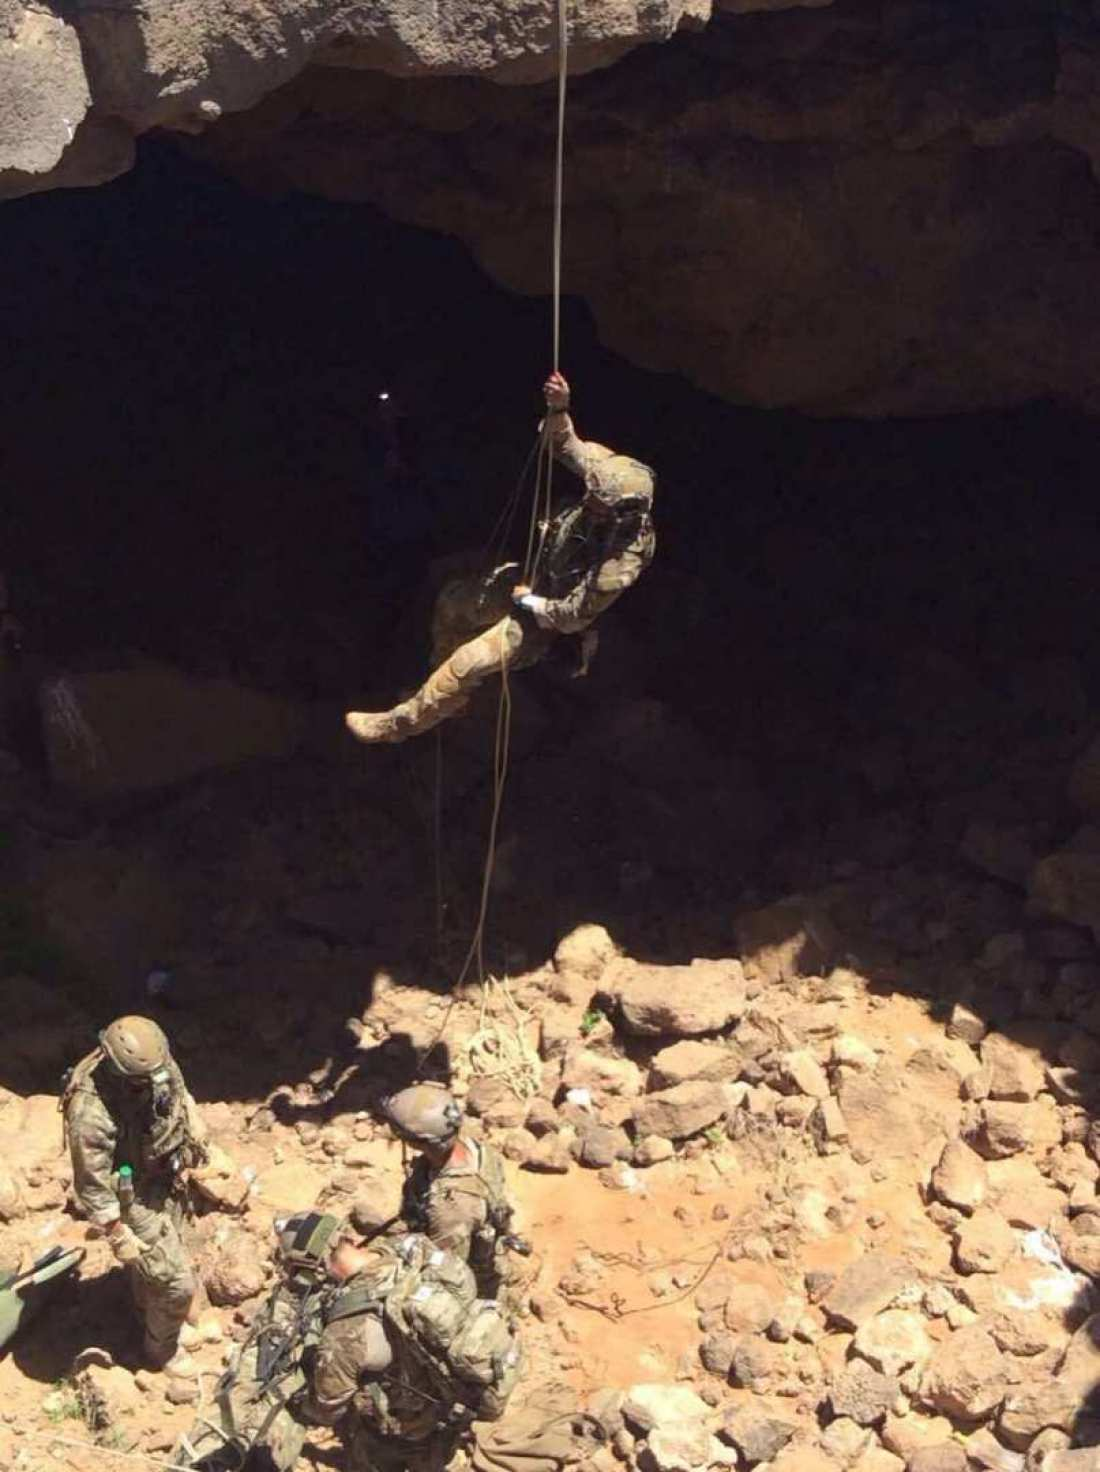 Τι εκπαίδευση έκαναν επί 18 ημέρες ελληνικές Ειδικές Δυνάμεις στην Ιορδανία;